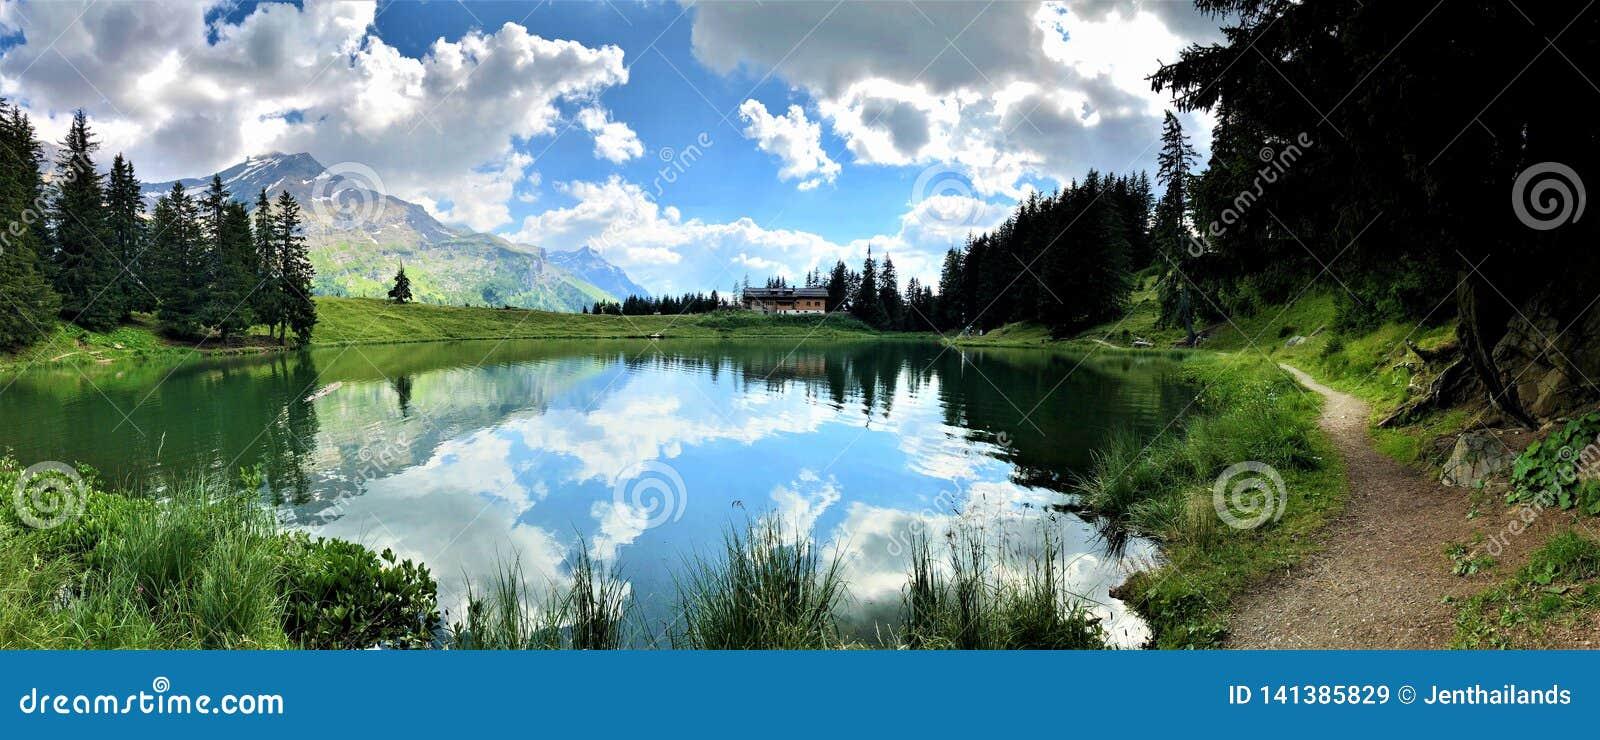 一个小山湖的令人惊讶的看法,镜子作用